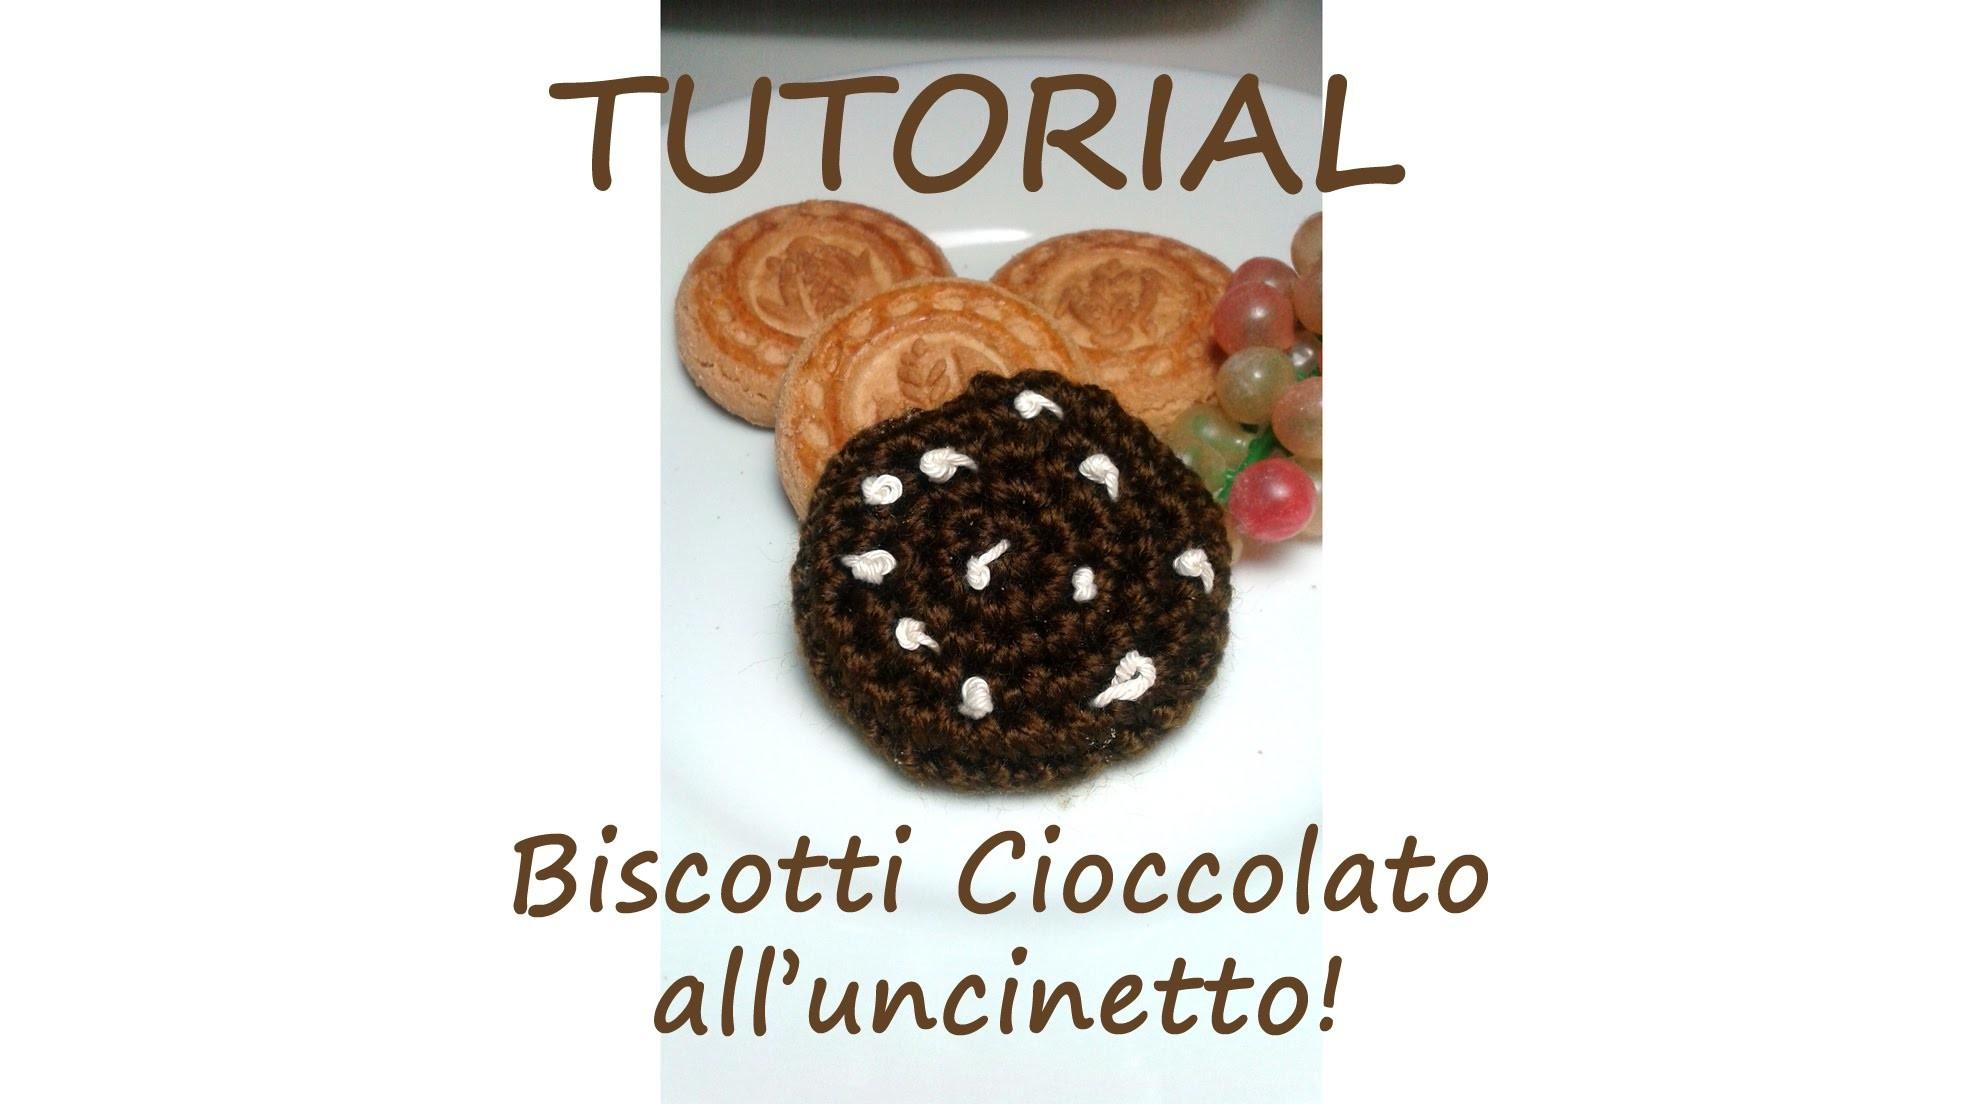 Tutorial Uncinetto - Biscotto cioccolato - per super principianti!